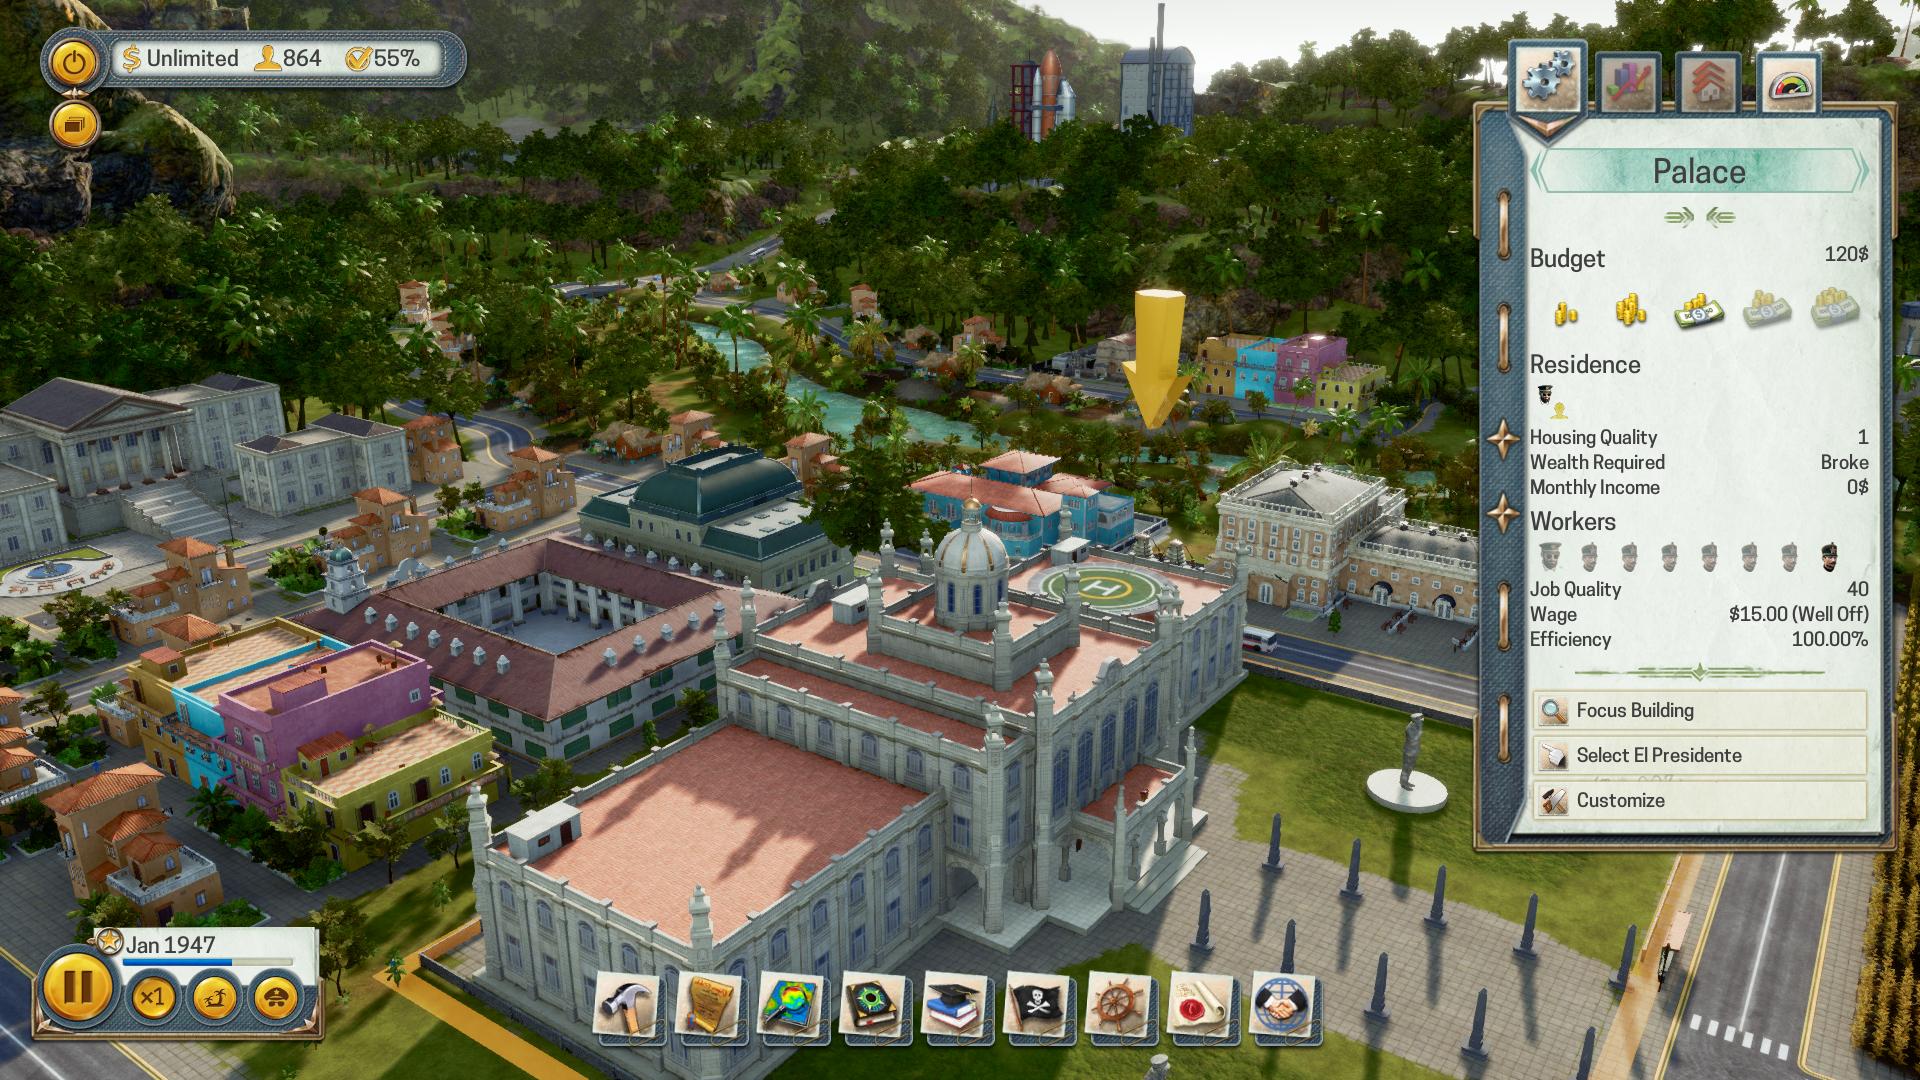 Wirtschaftssimulation: Aufbau-Alternativen zu Anno 1800 - Tropico 6 (Bild: Kalypso Media)